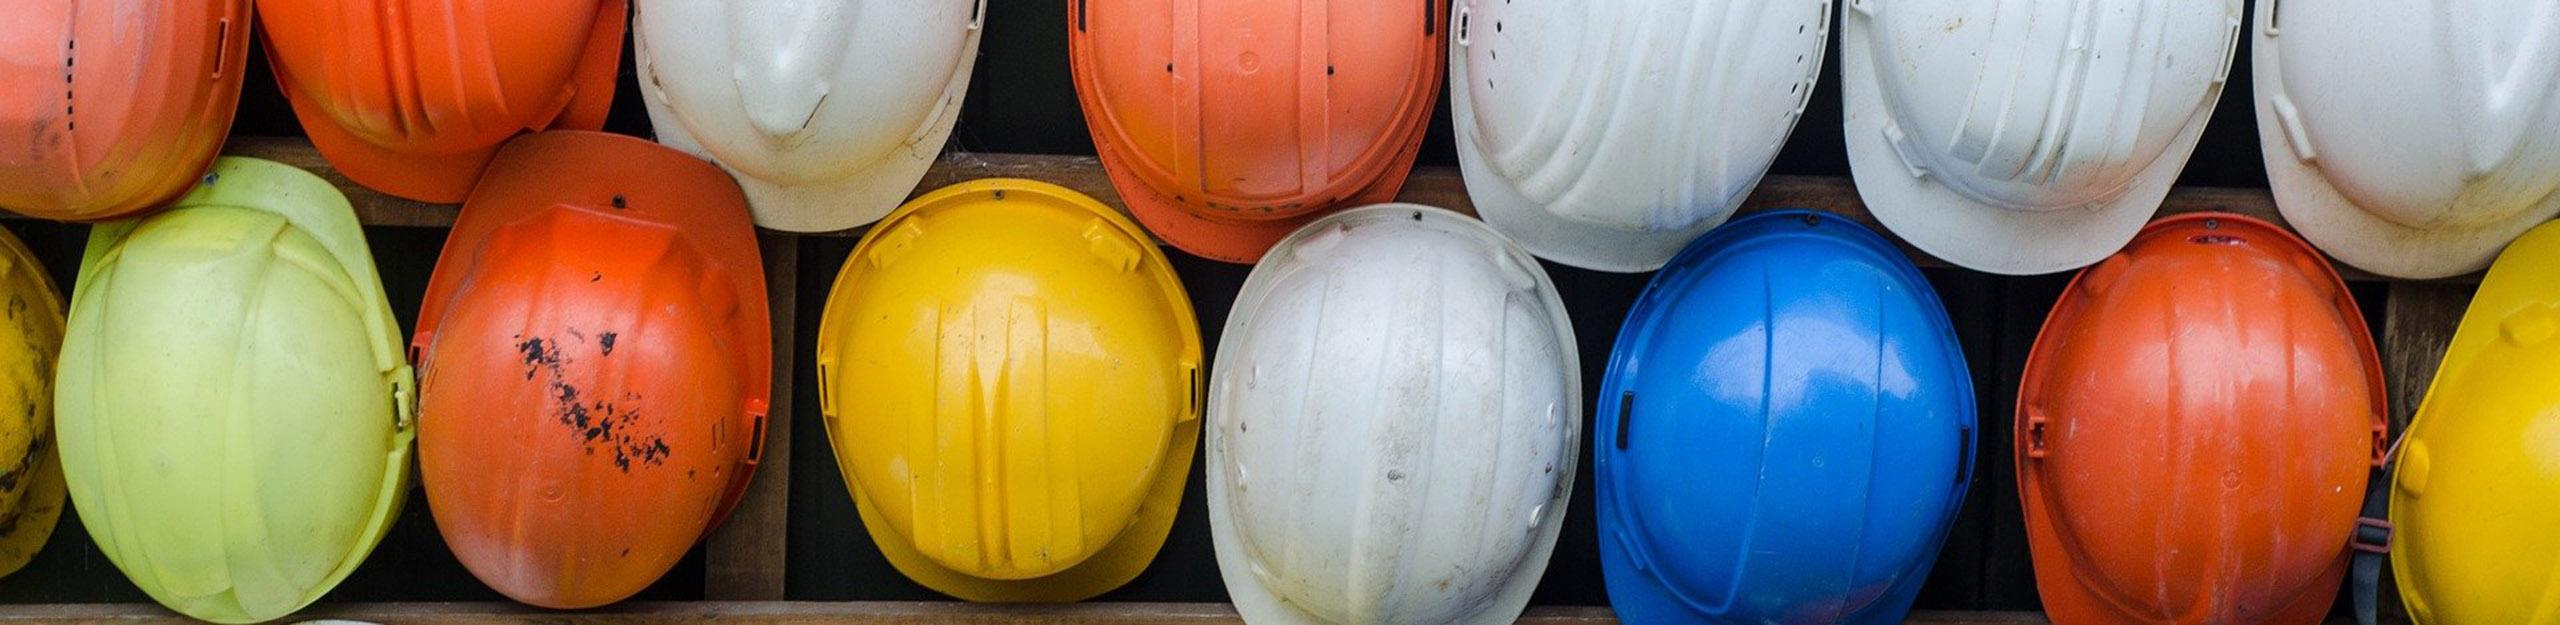 Mit qualifizierter Bauüberwachung und Fachbauleitung sichern wir die wirtschaftliche und qualitätssichere Abwicklung der Baumaßnahmen.